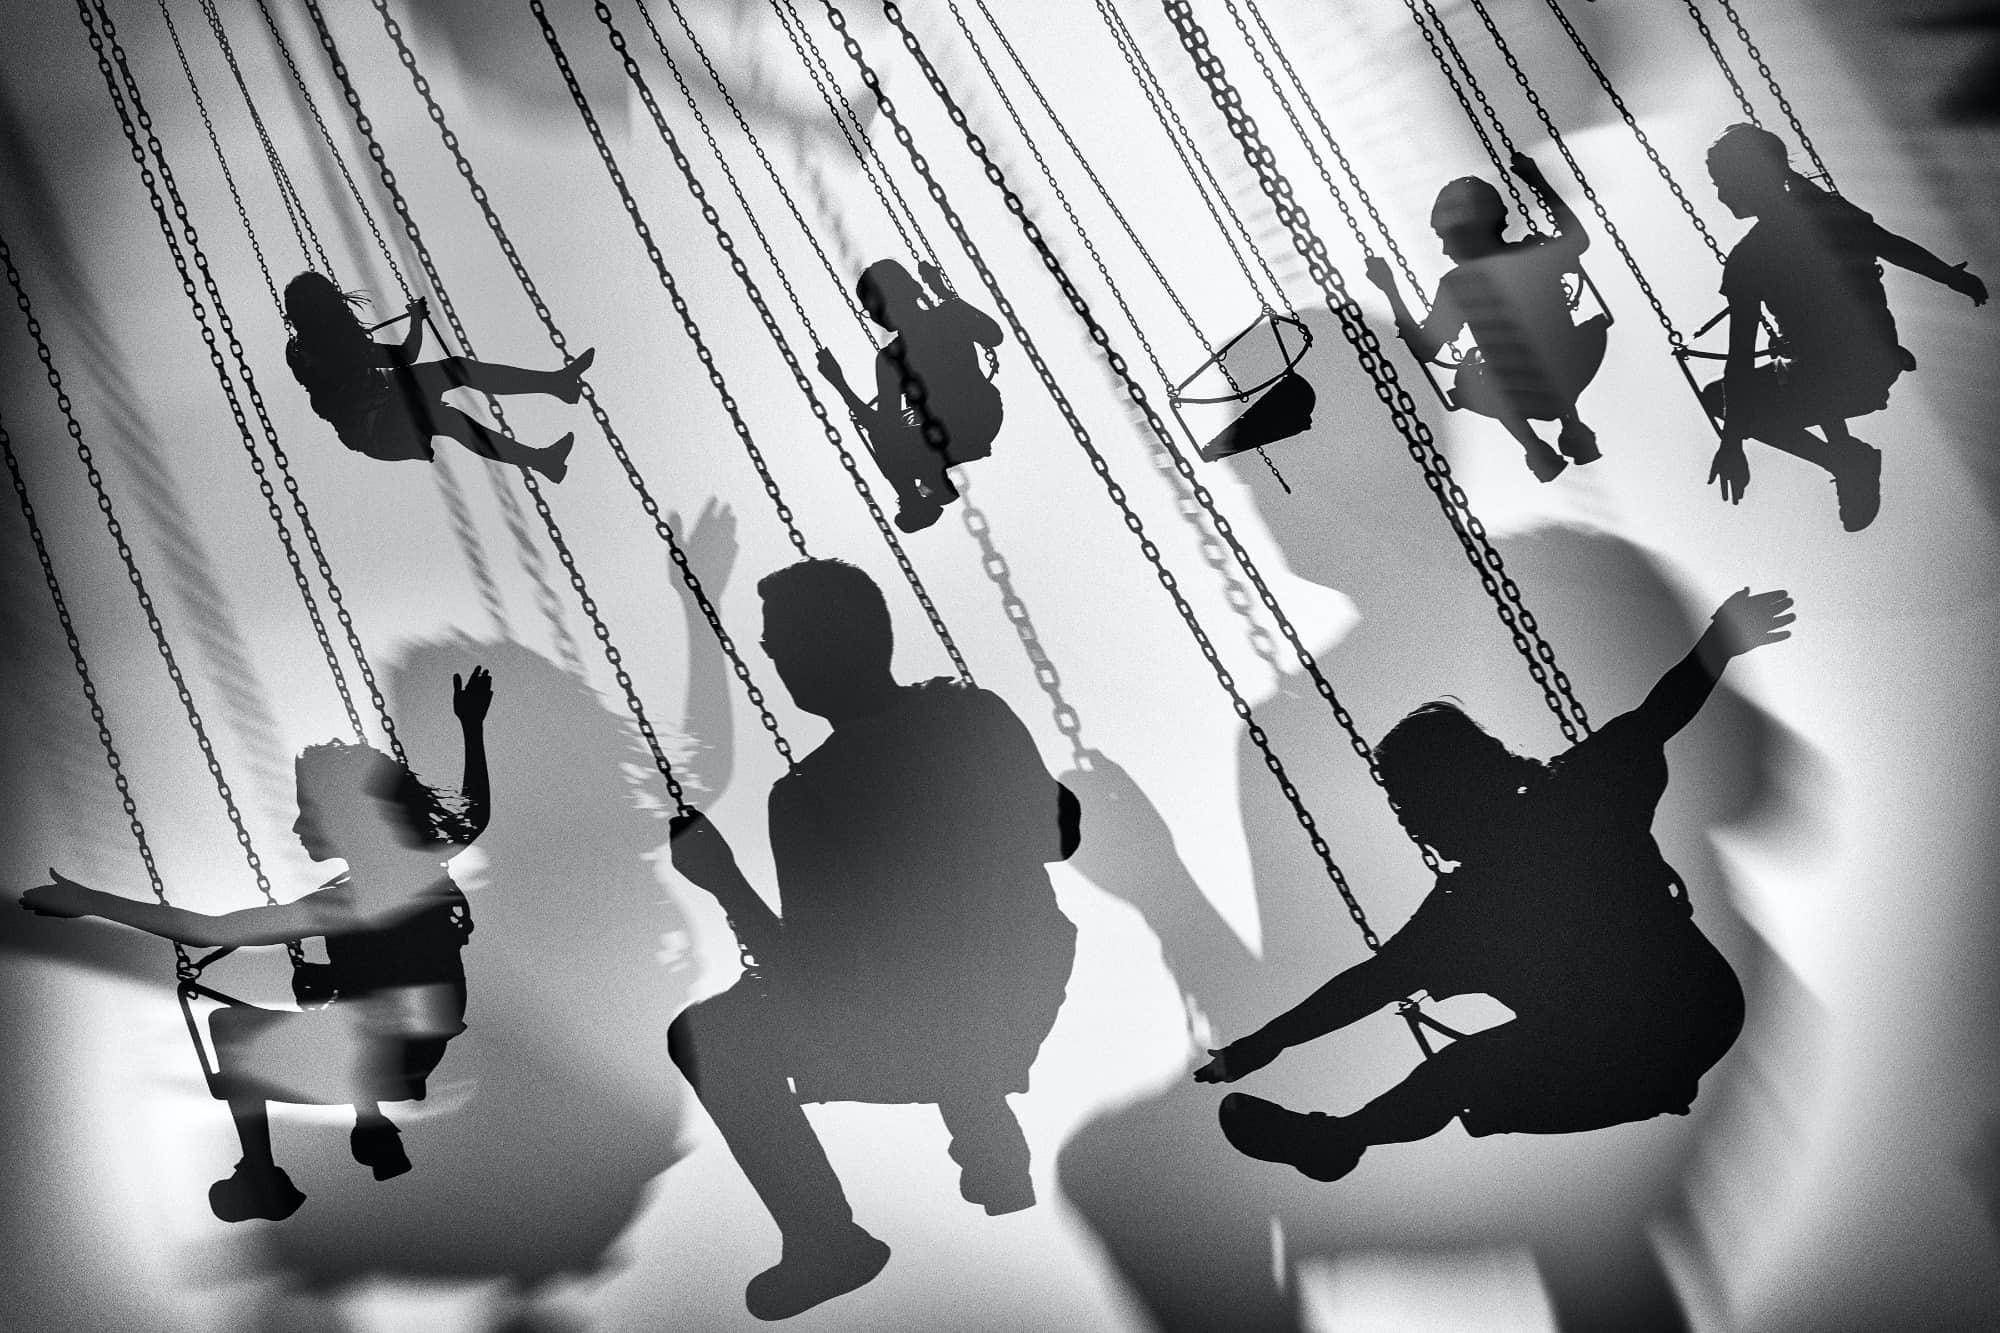 zwart wit mensen op schommels van draaimolen- fotograaf Jacek Patora, Poland, National Awards, 2020